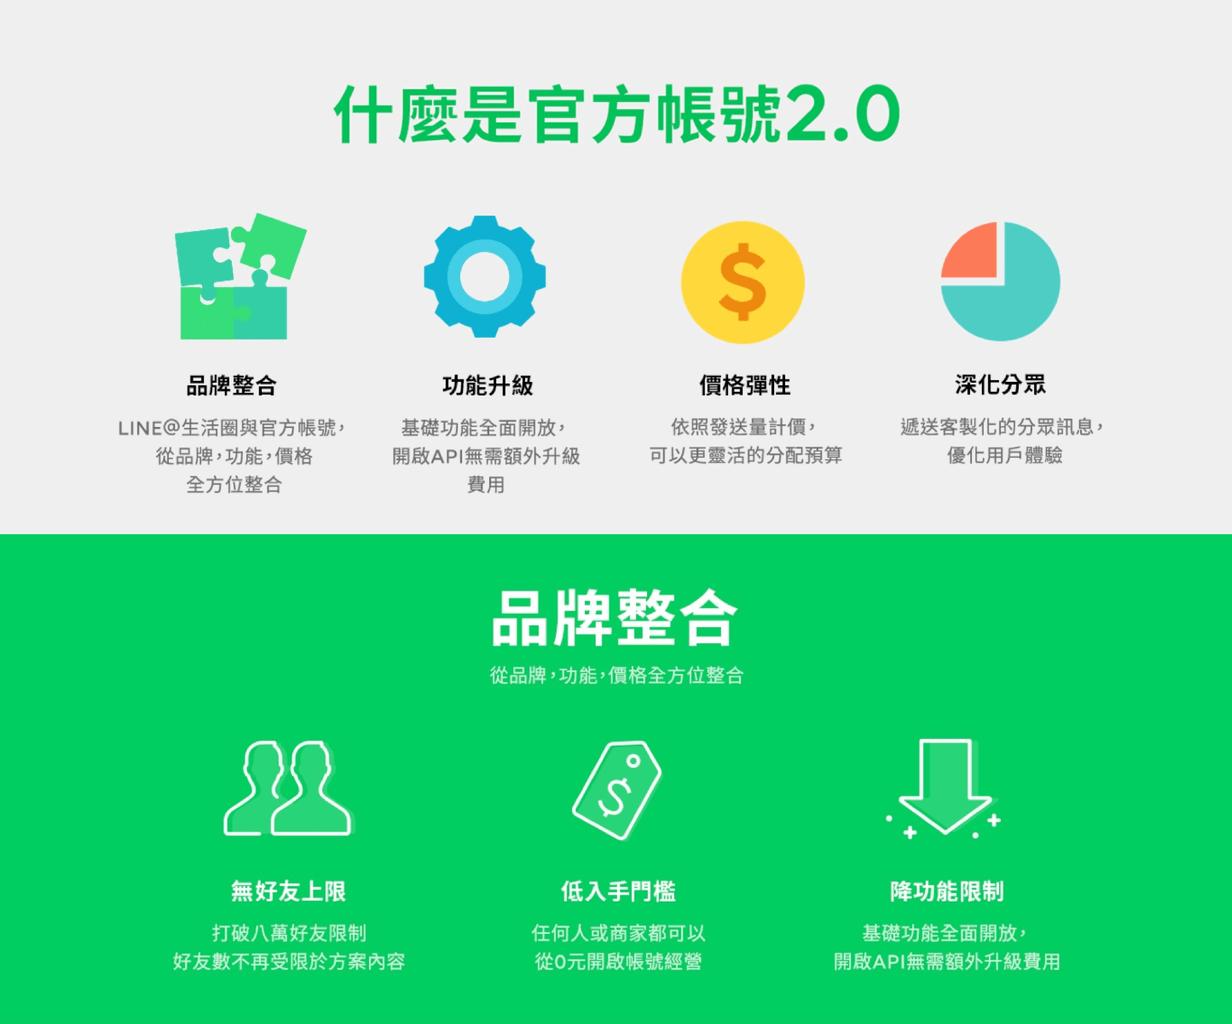 (圖一) LINE官方帳號2.0升級 ,出處 :LINE官方資訊